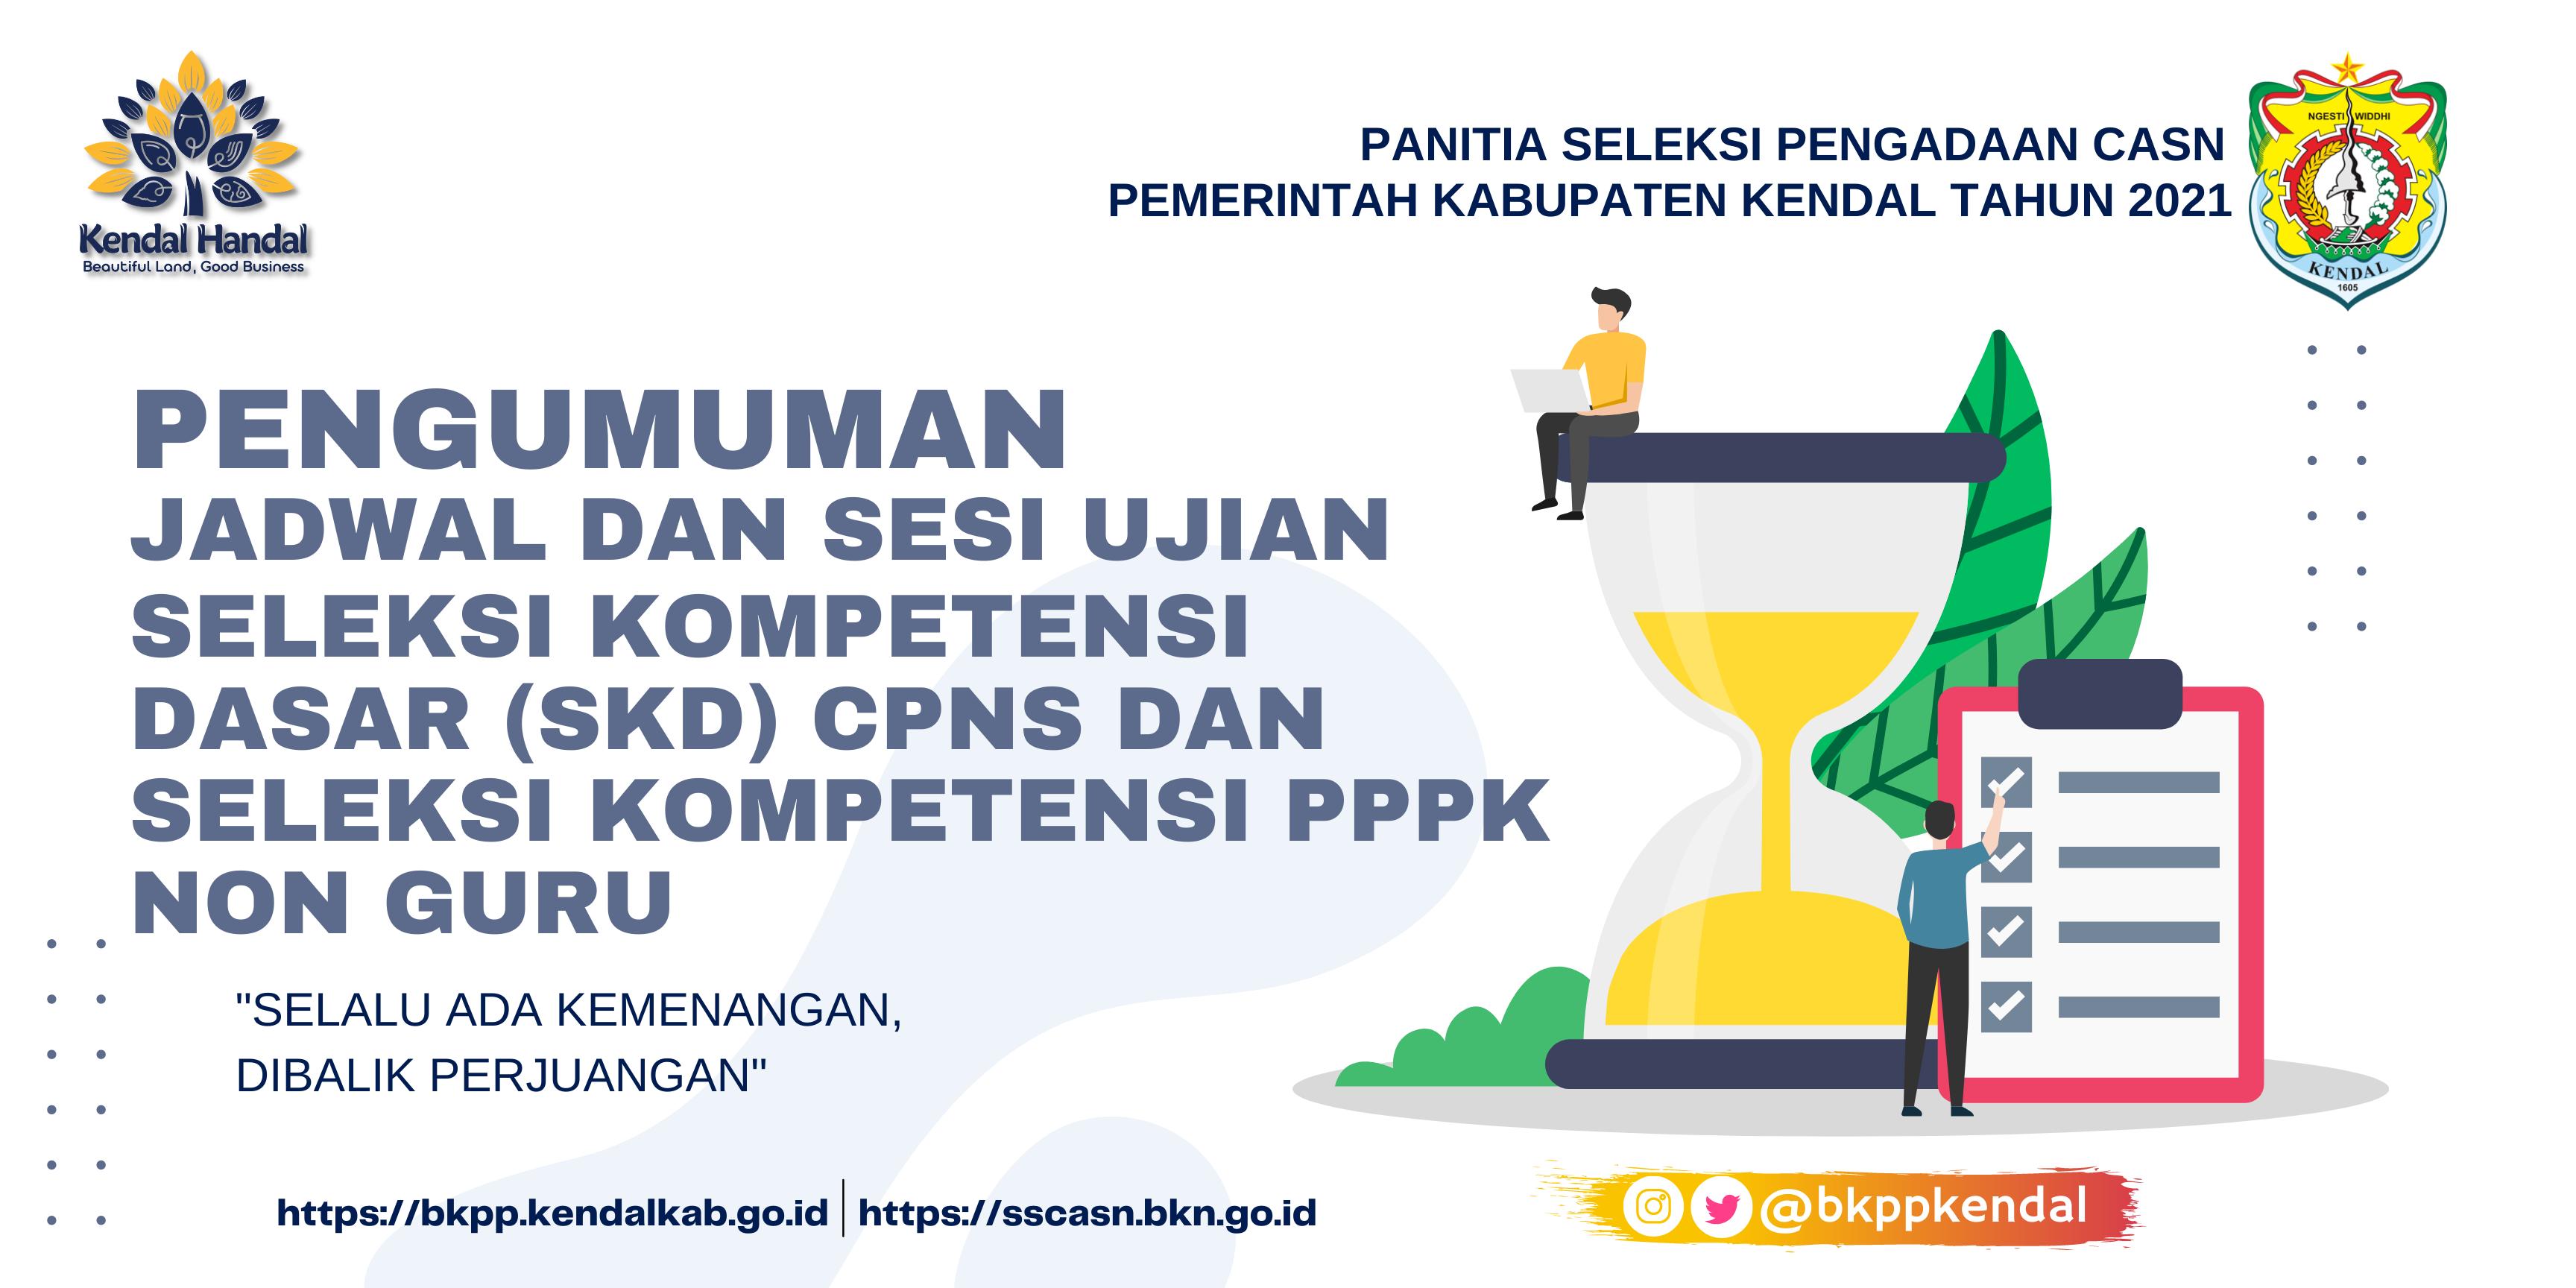 Pengumuman Jadwal Sesi Ujian SDK CPNS dan Seleksi Kompetensi PPPK Non Guru Tahun 2021